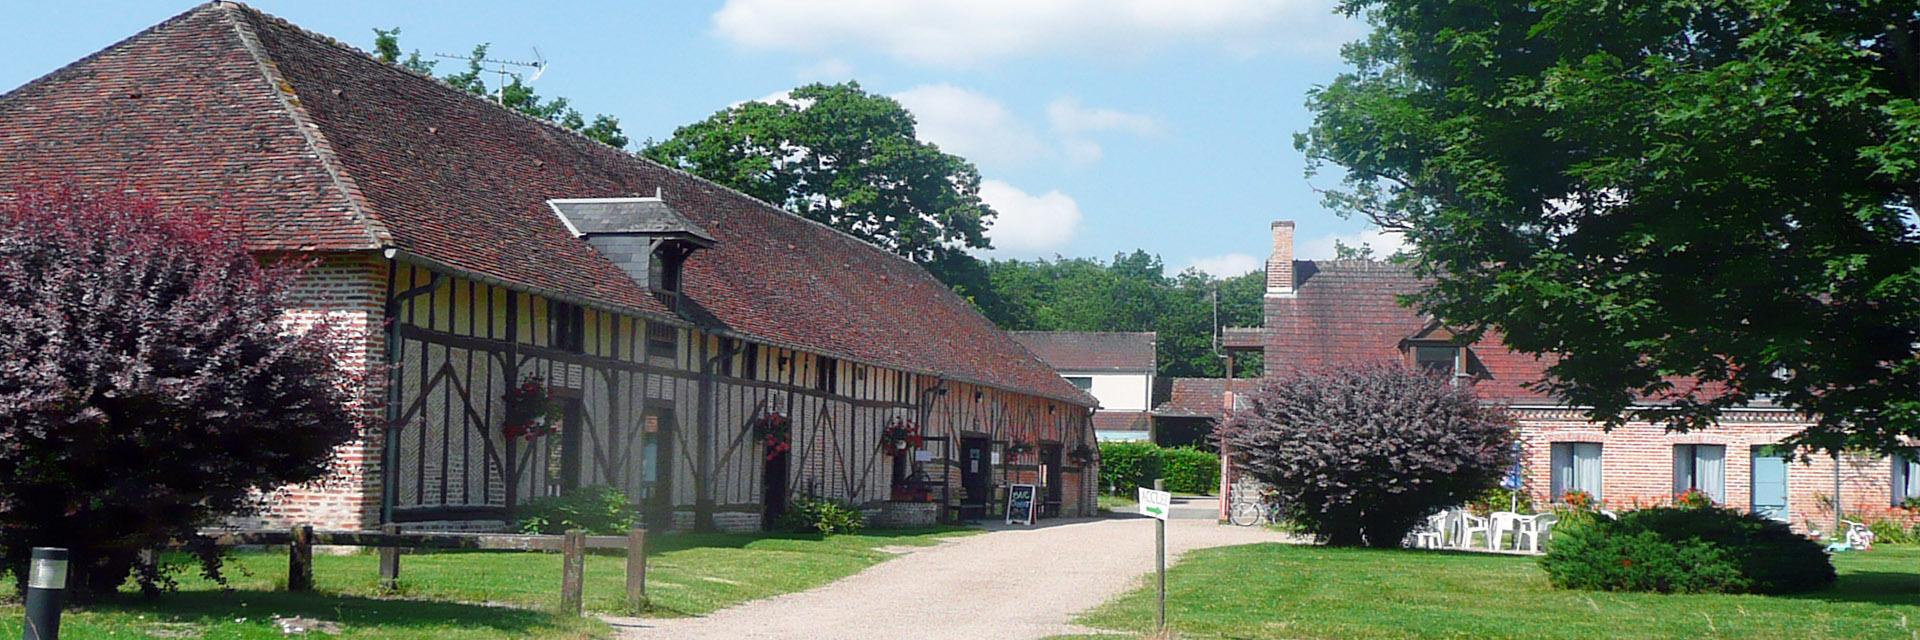 Village_club_vacances_centre-loire-et-bourgogne-la-ferme-de-courcimont-exterier